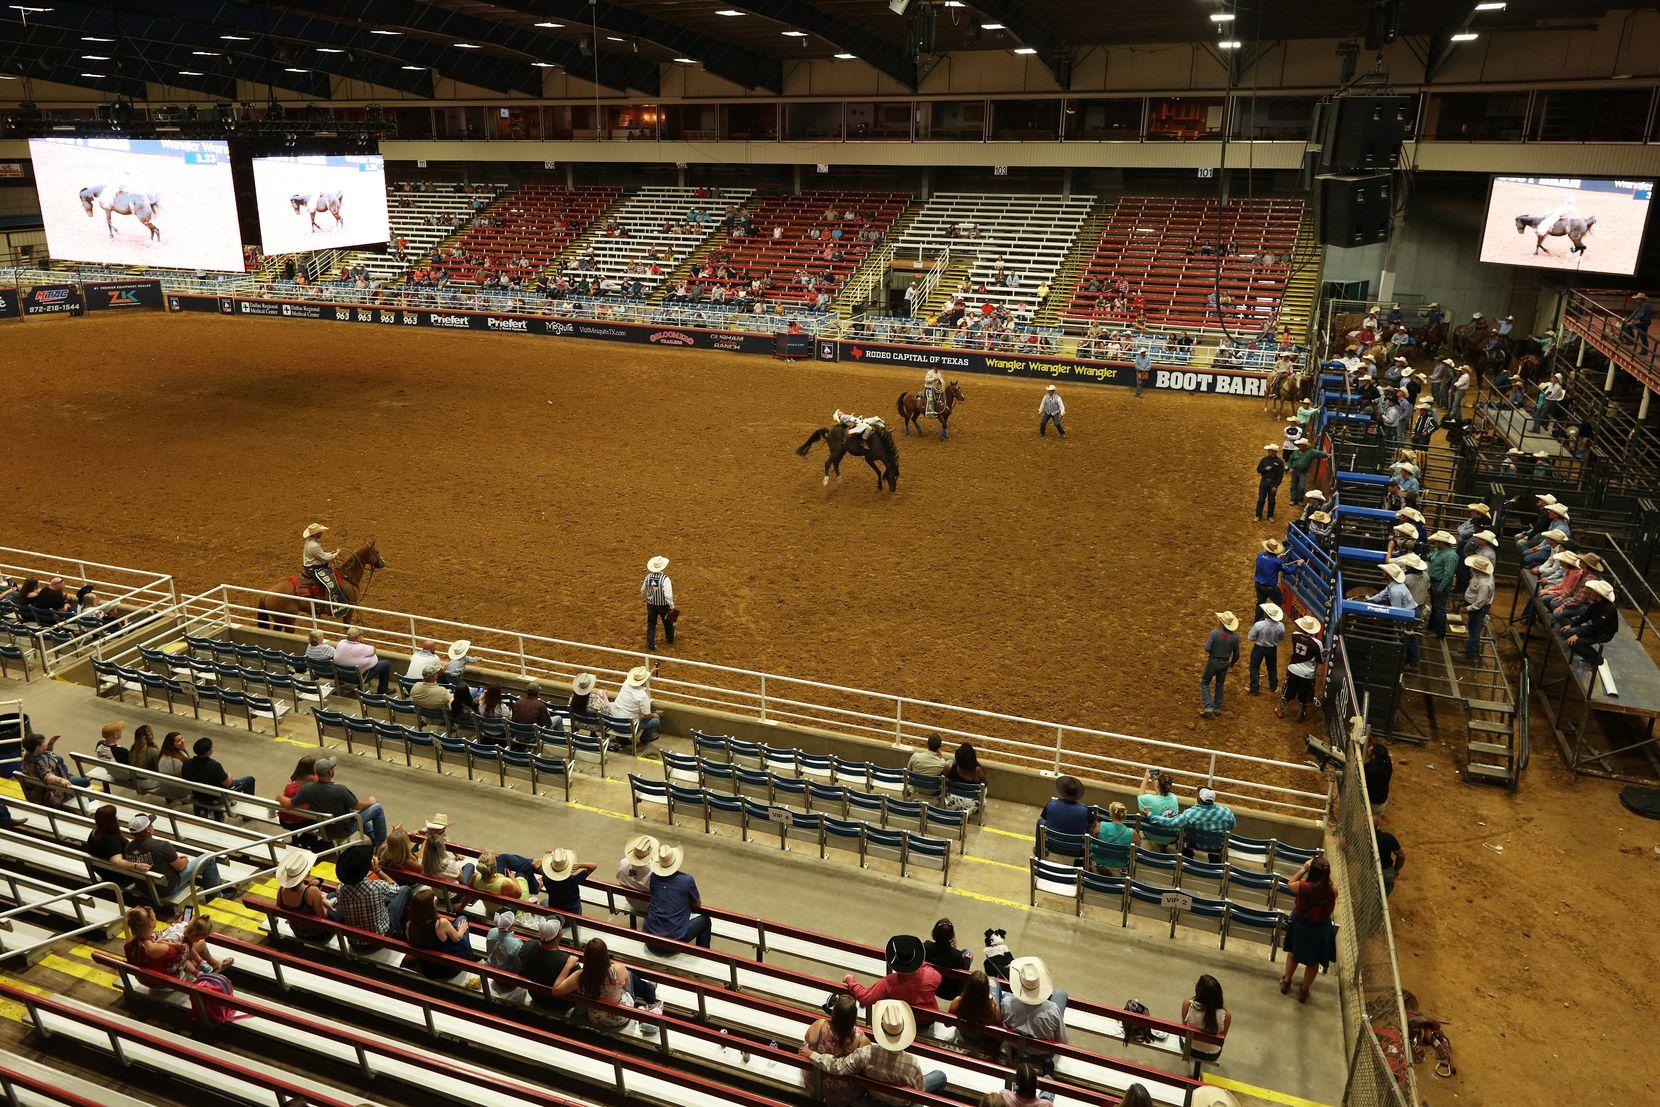 El Rodeo de Mesquite estuvo al 25% de su capacidad en el primer evento al público desde que inició la pandemia.